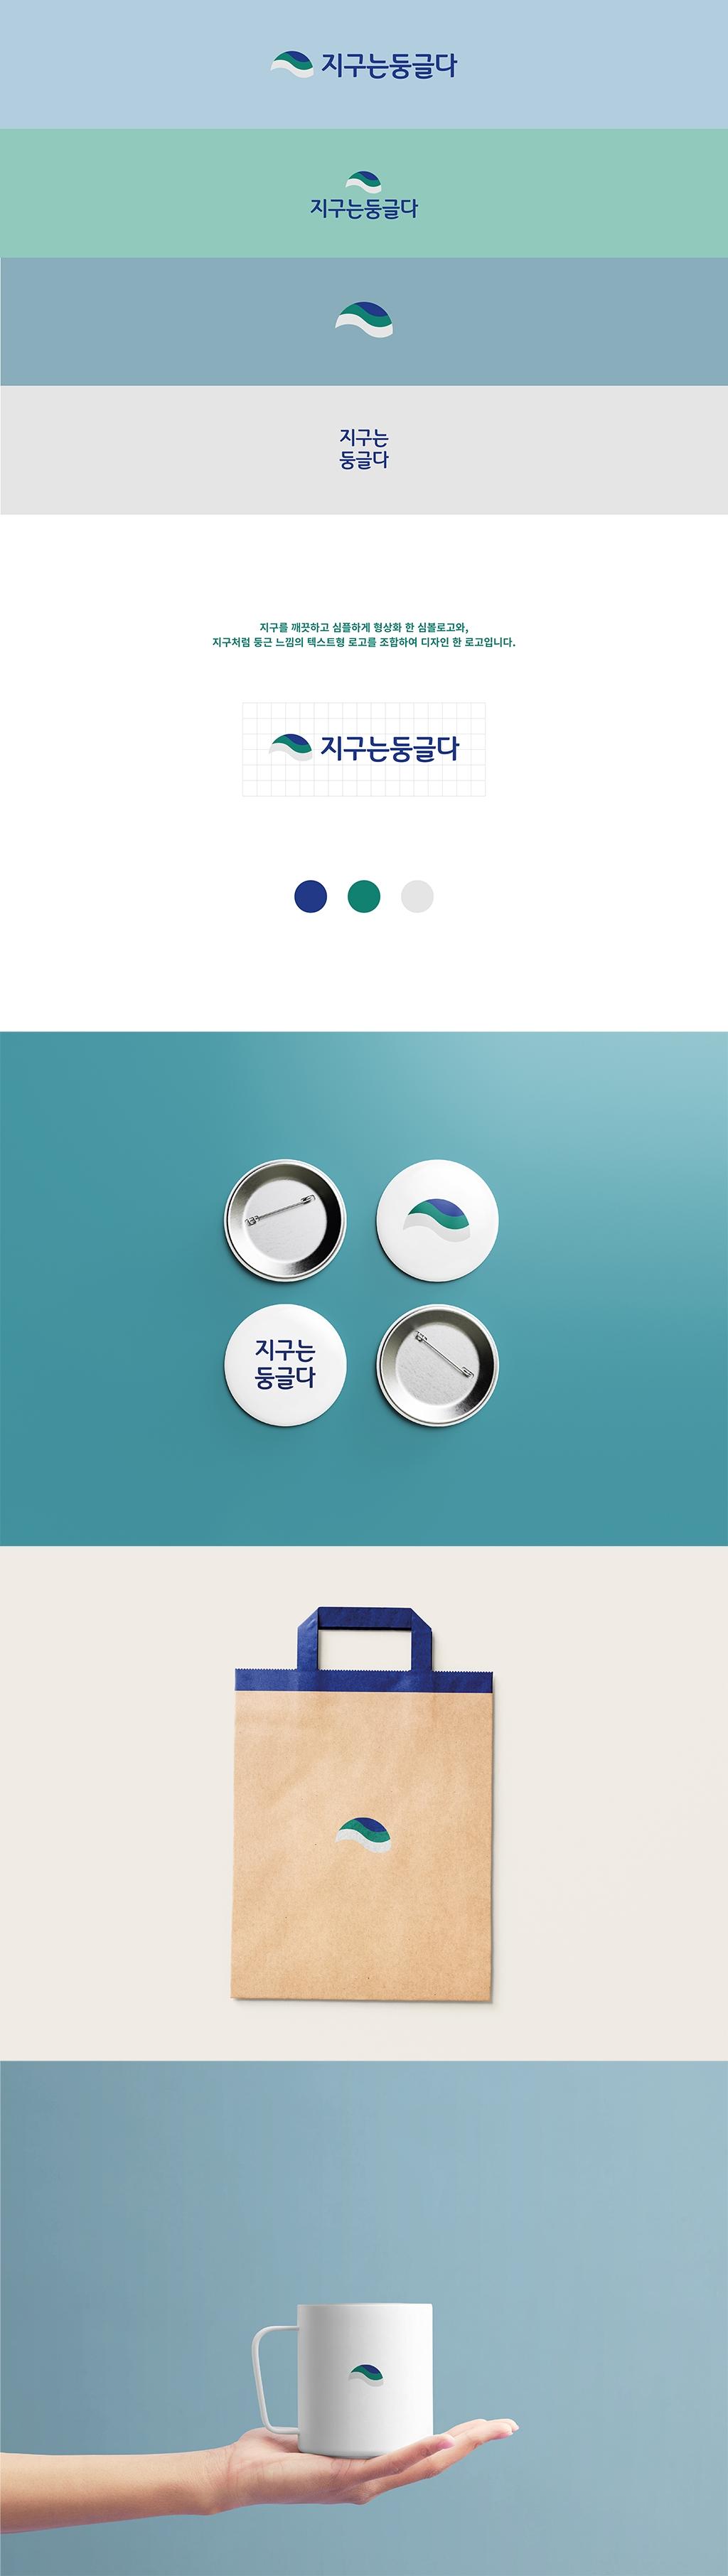 로고 디자인 | IT 플랫폼 회사의 깔끔한 로고 의뢰 | 라우드소싱 포트폴리오